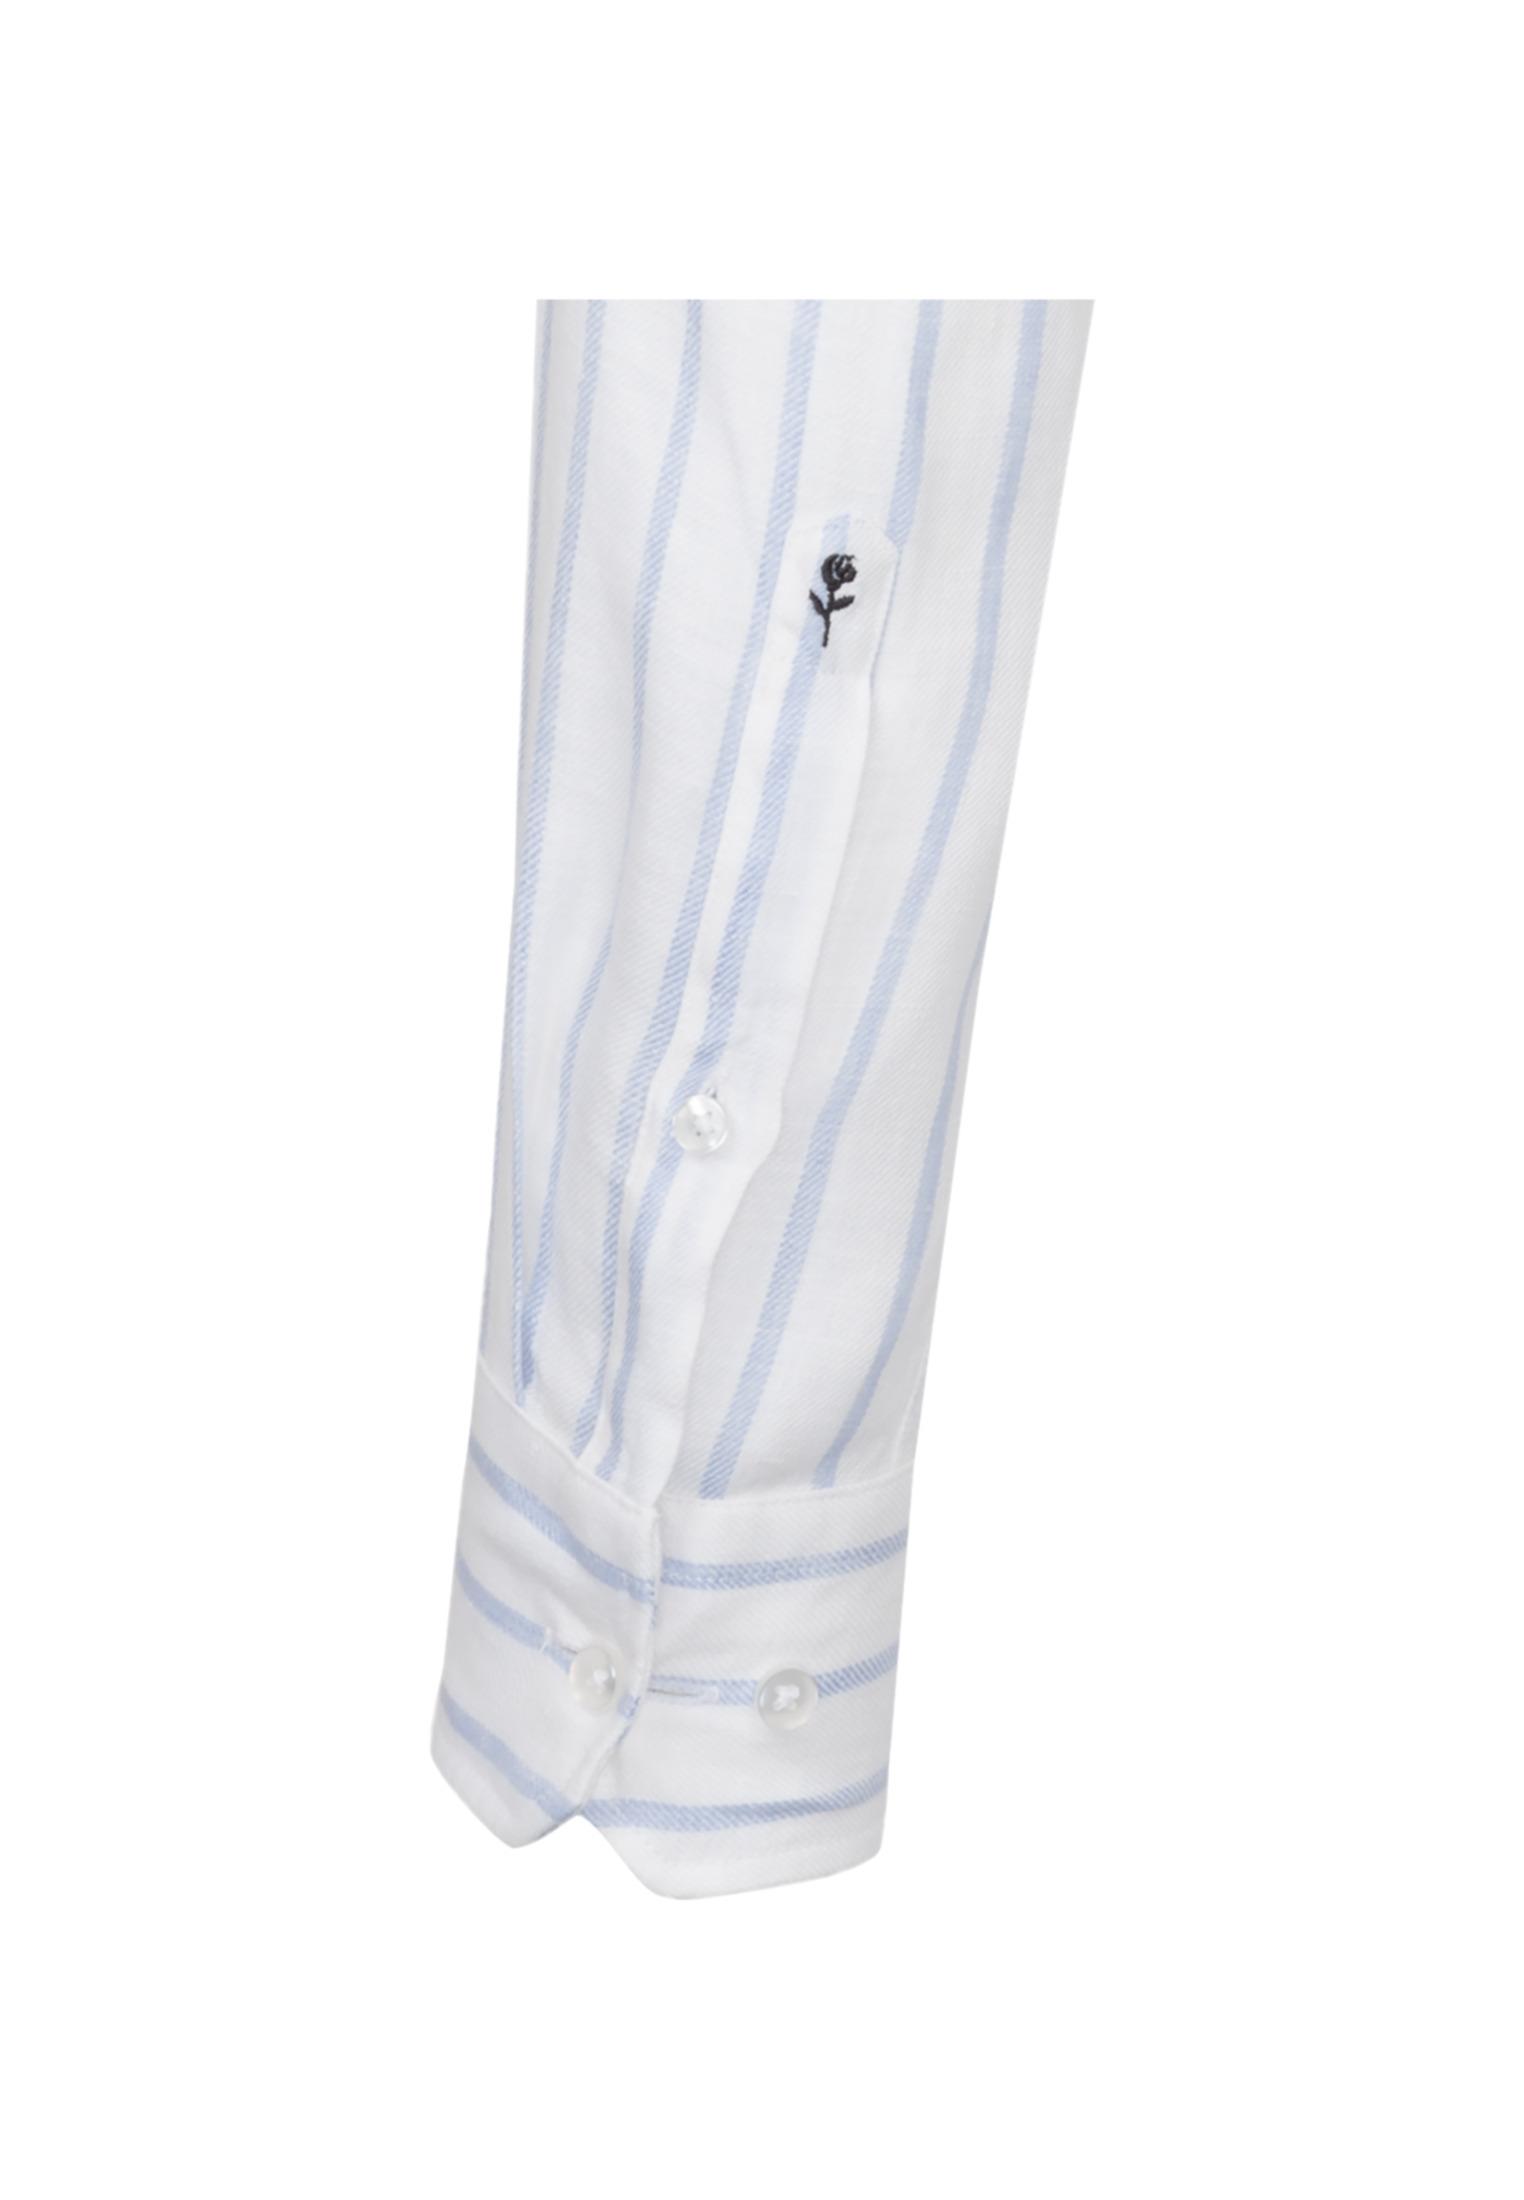 Seidensticker Business Hemd Slim in Weiß günstig kaufen